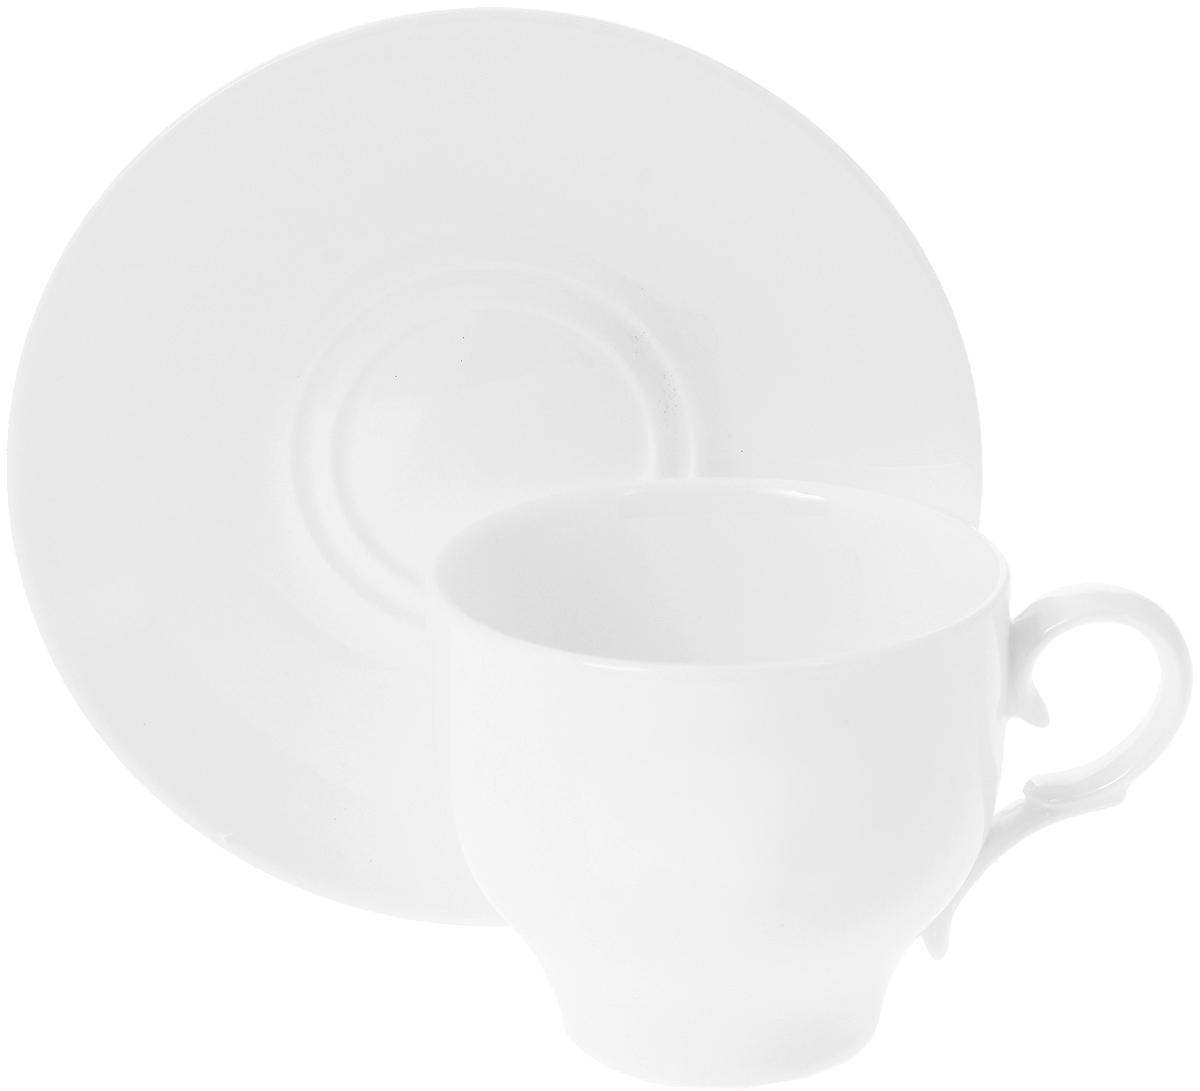 Чайная пара Wilmax, 2 предмета. WL-993009WL-993009 / ABЧайная пара Wilmax состоит из чашки и блюдца, выполненных из высококачественного фарфора и оформленных в классическом стиле. Оригинальный дизайн обязательно придется вам по вкусу. Чайная пара Wilmax украсит ваш кухонный стол, а также станет замечательным подарком к любому празднику.Объем чашки: 220 мл.Диаметр чашки (по верхнему краю): 8 см.Диаметр основания чашки: 4,5 см.Высота чашки: 7 см.Диаметр блюдца: 14 см.